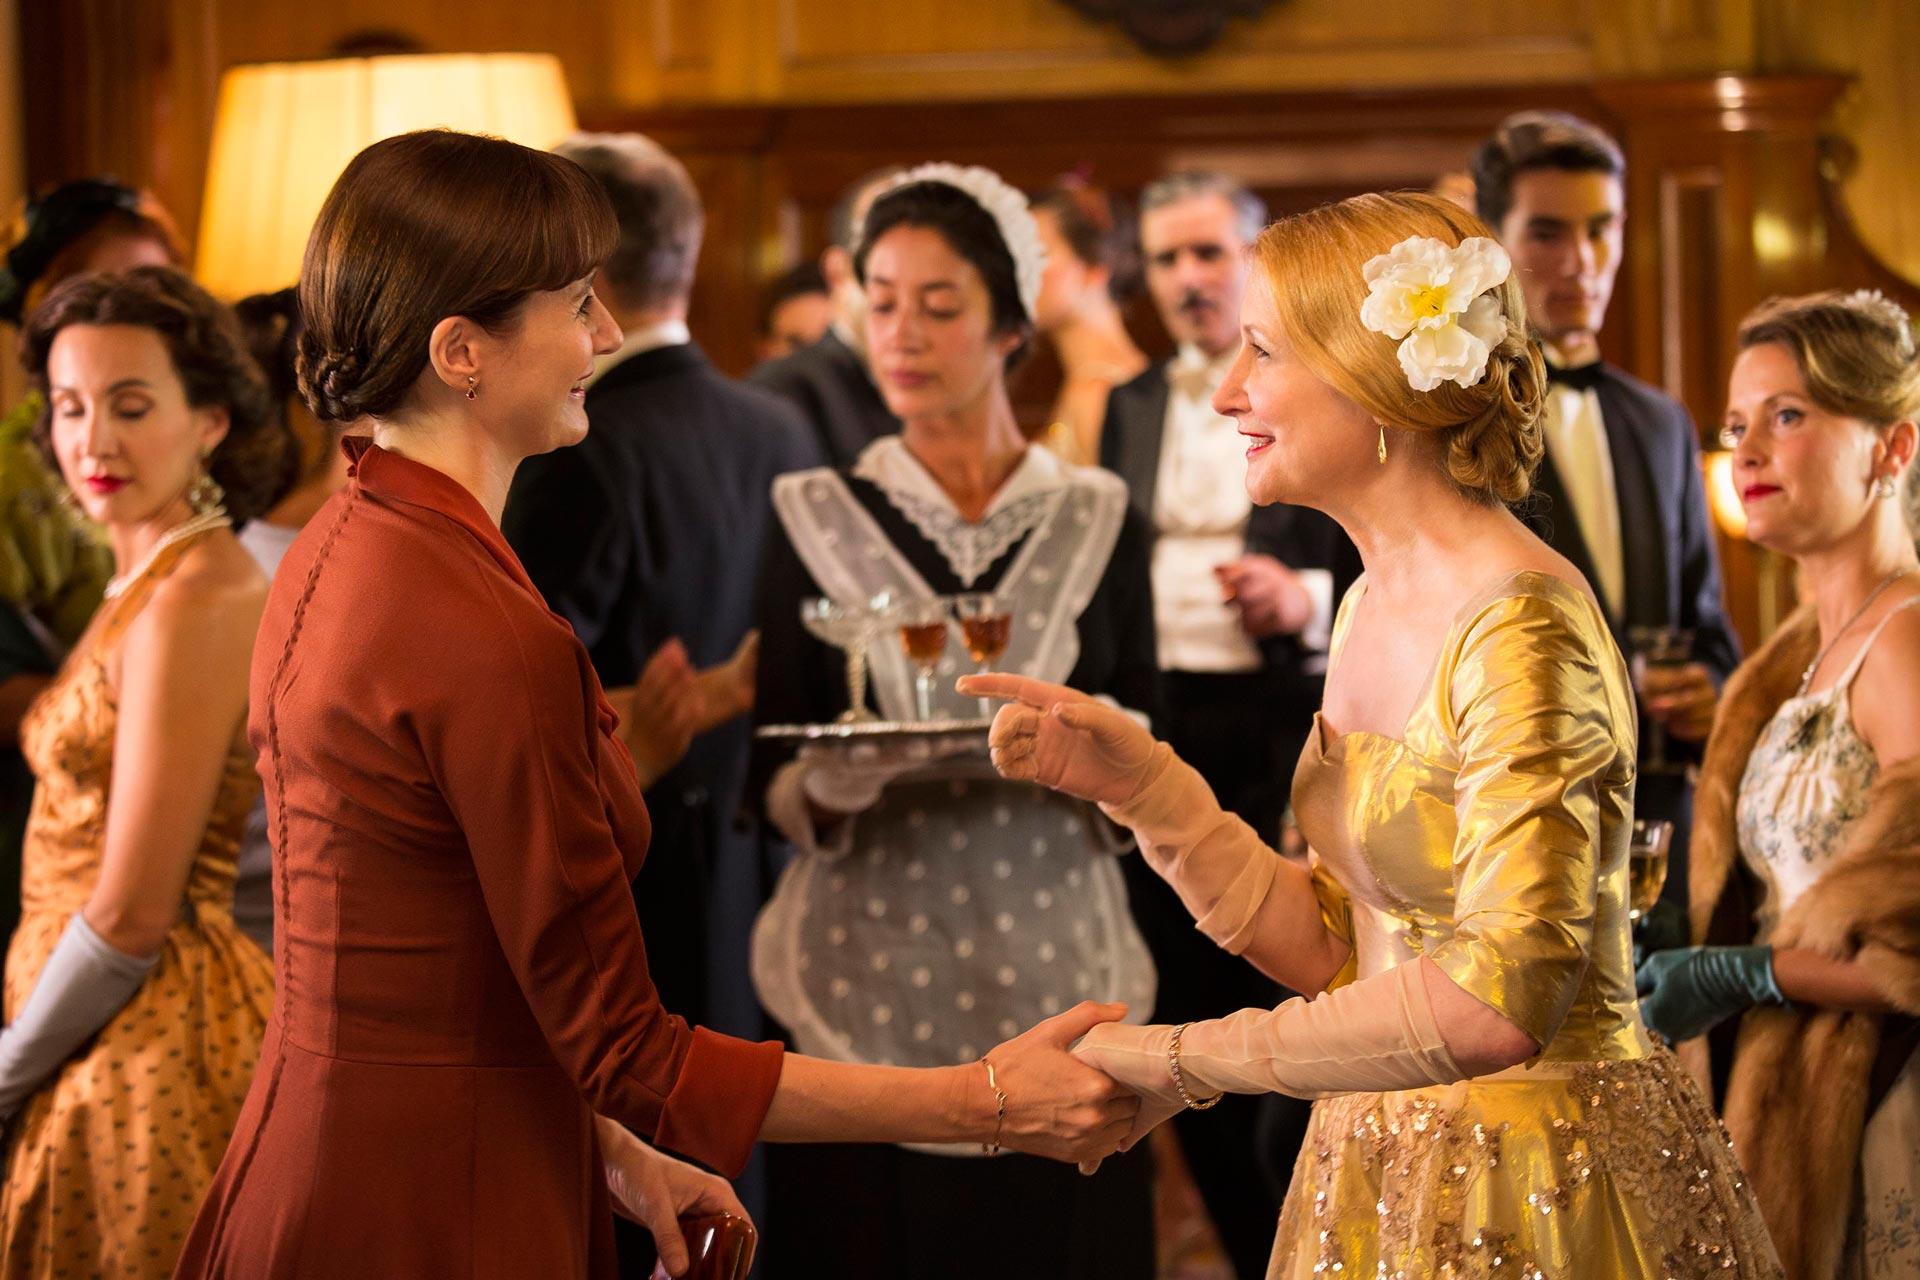 La librería - Foto de las actrices Emily Mortimer y Patricia Clarkson